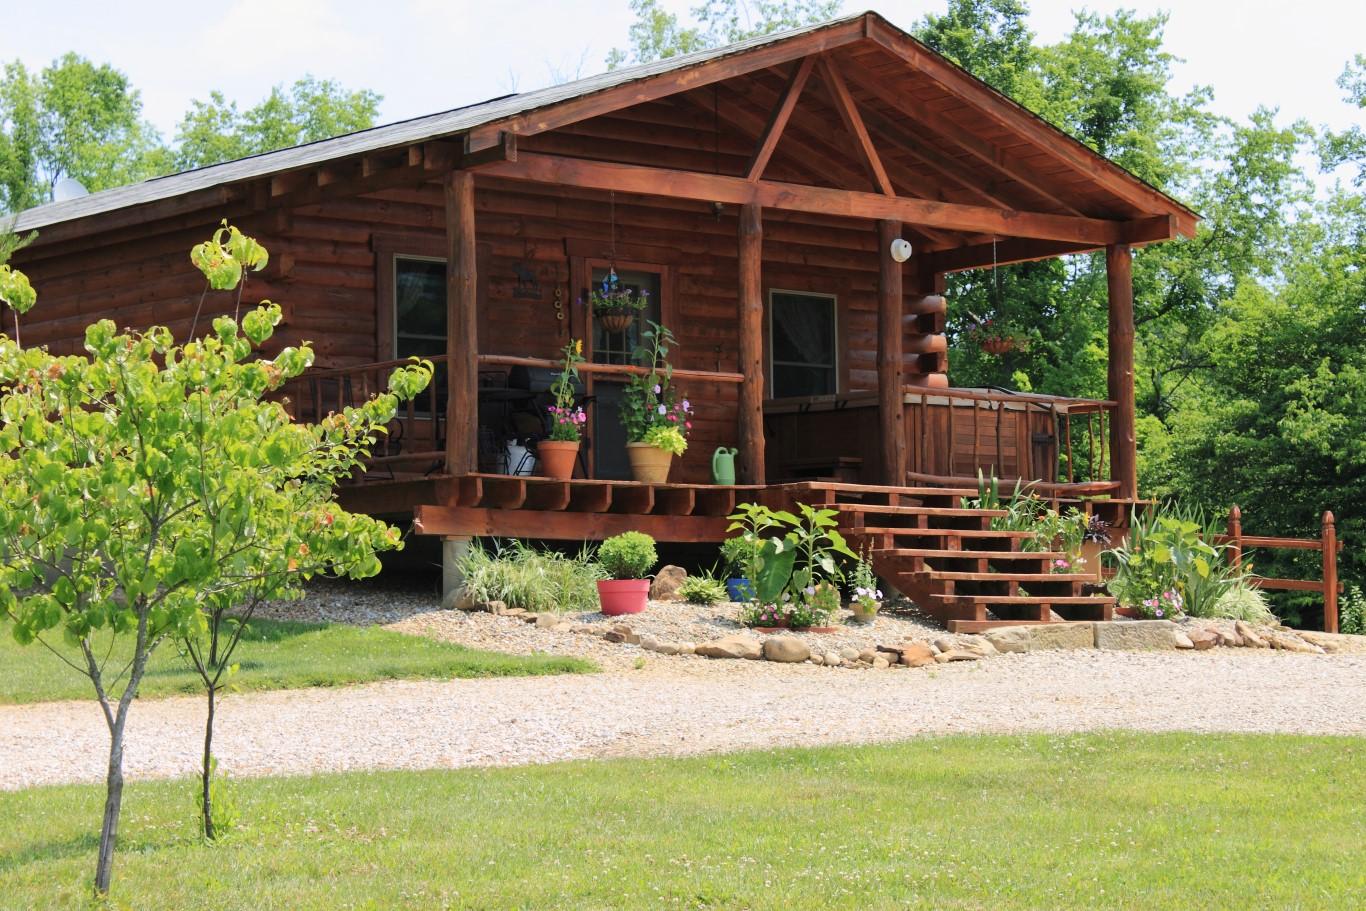 Hocking Hills Cabin Rentals Spring Season Cabin Rentals Ohio